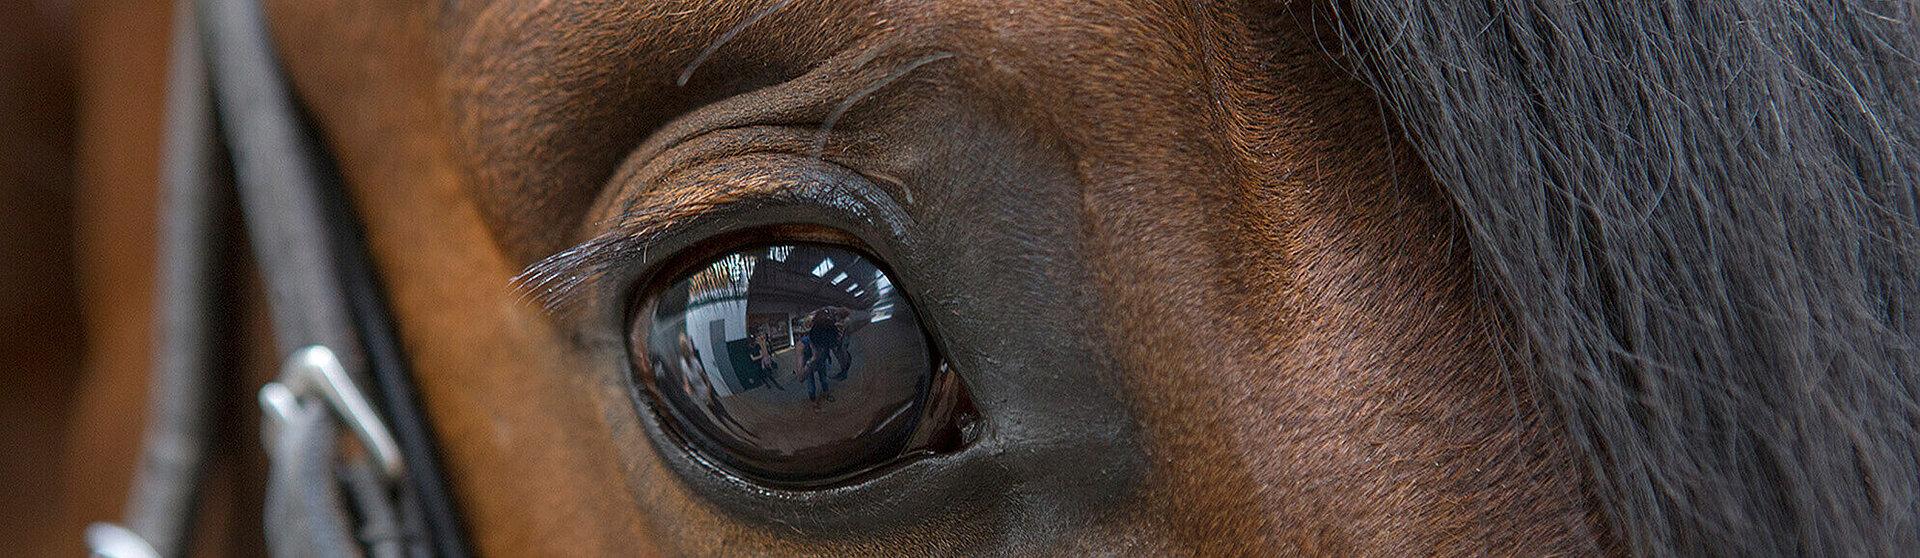 Auge eines Pferdes.